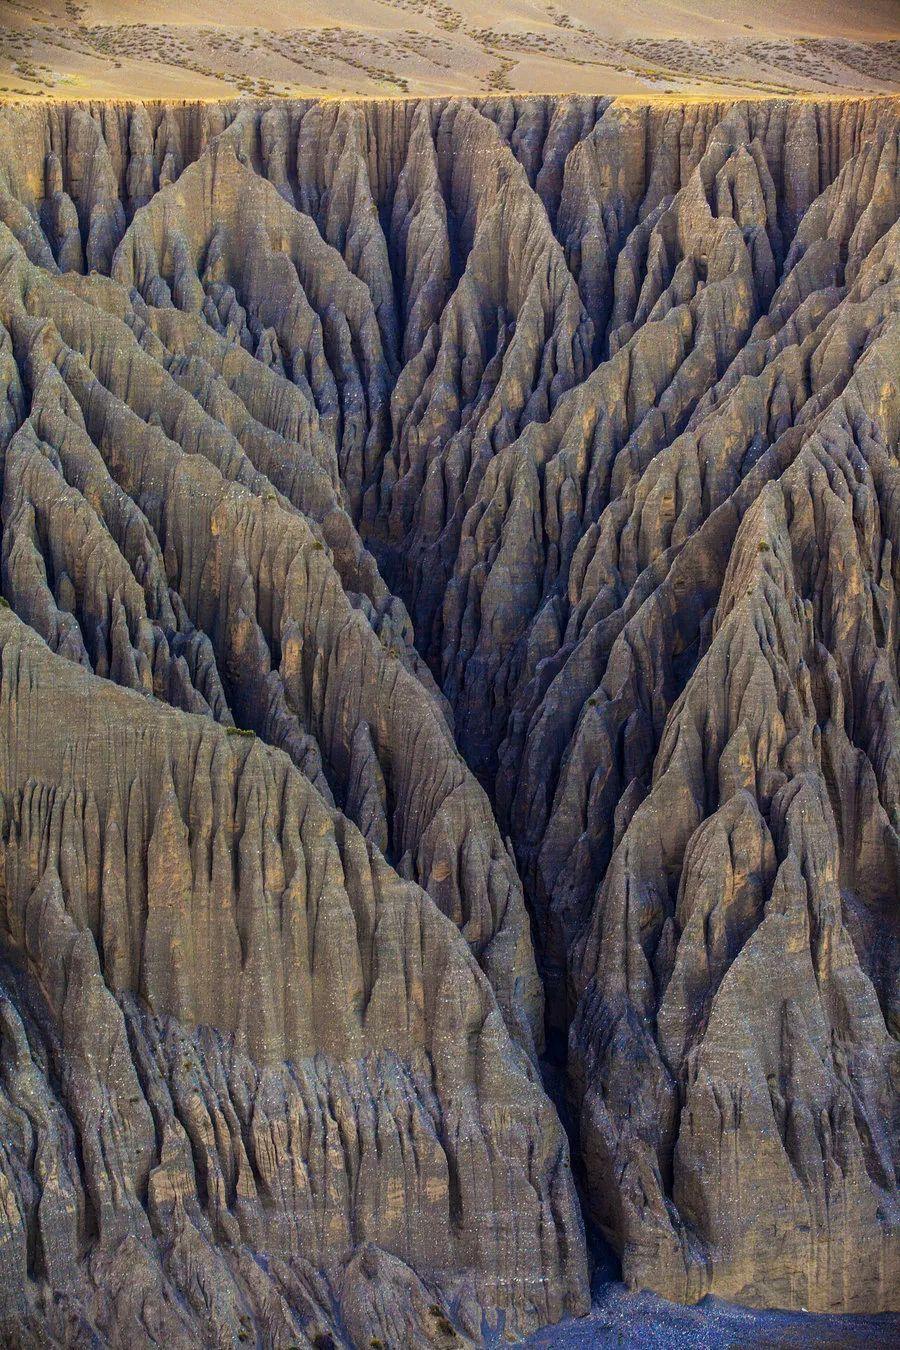 全球最美的峡谷竟然在中国!有的未曾公开,有的尚未开发,完爆美国大峡谷!